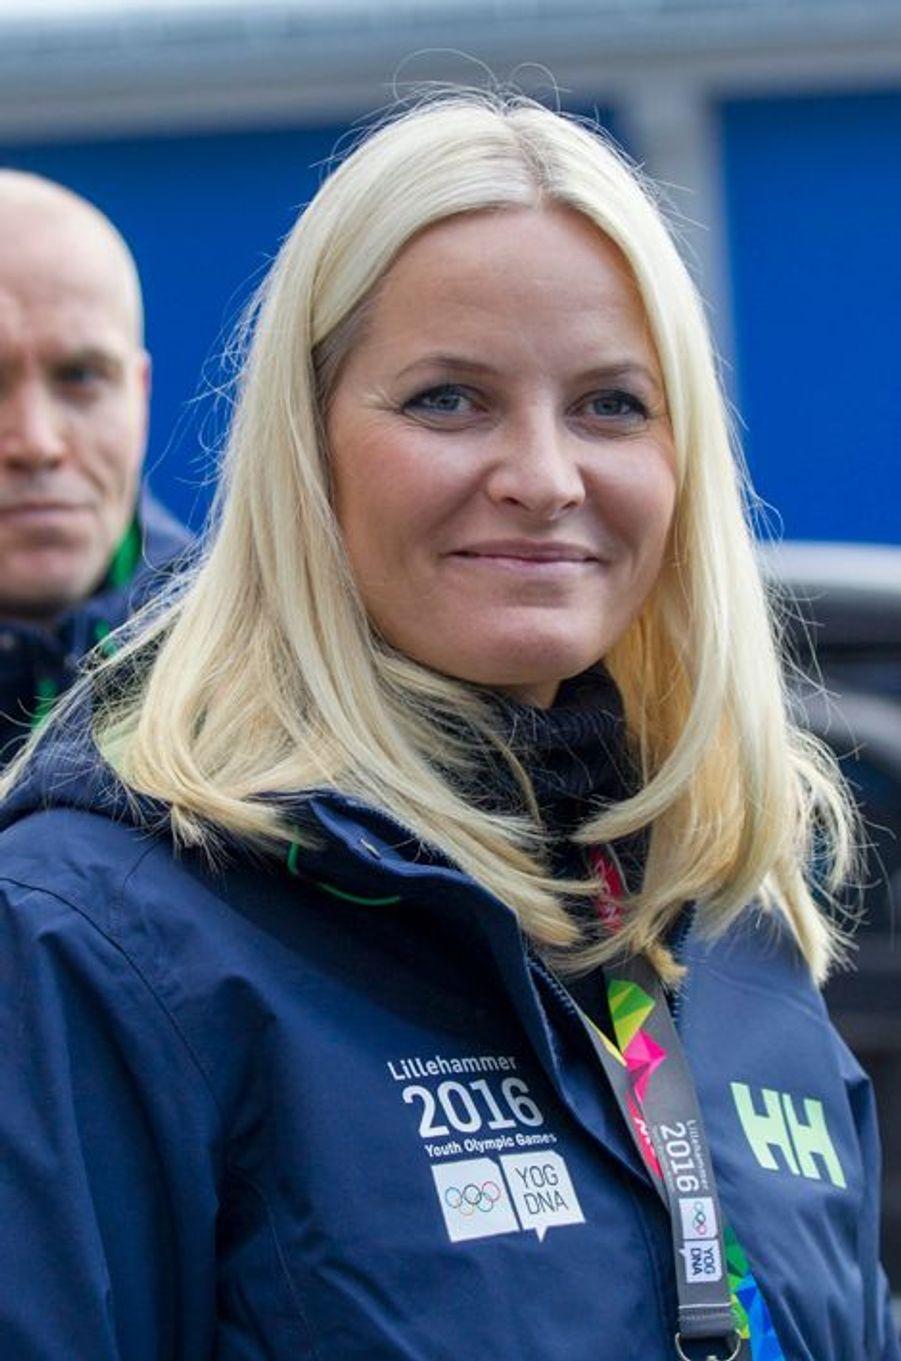 La princesse Mette-Marit de Norvège aux JOJ à Lillehammer, le 12 février 2016